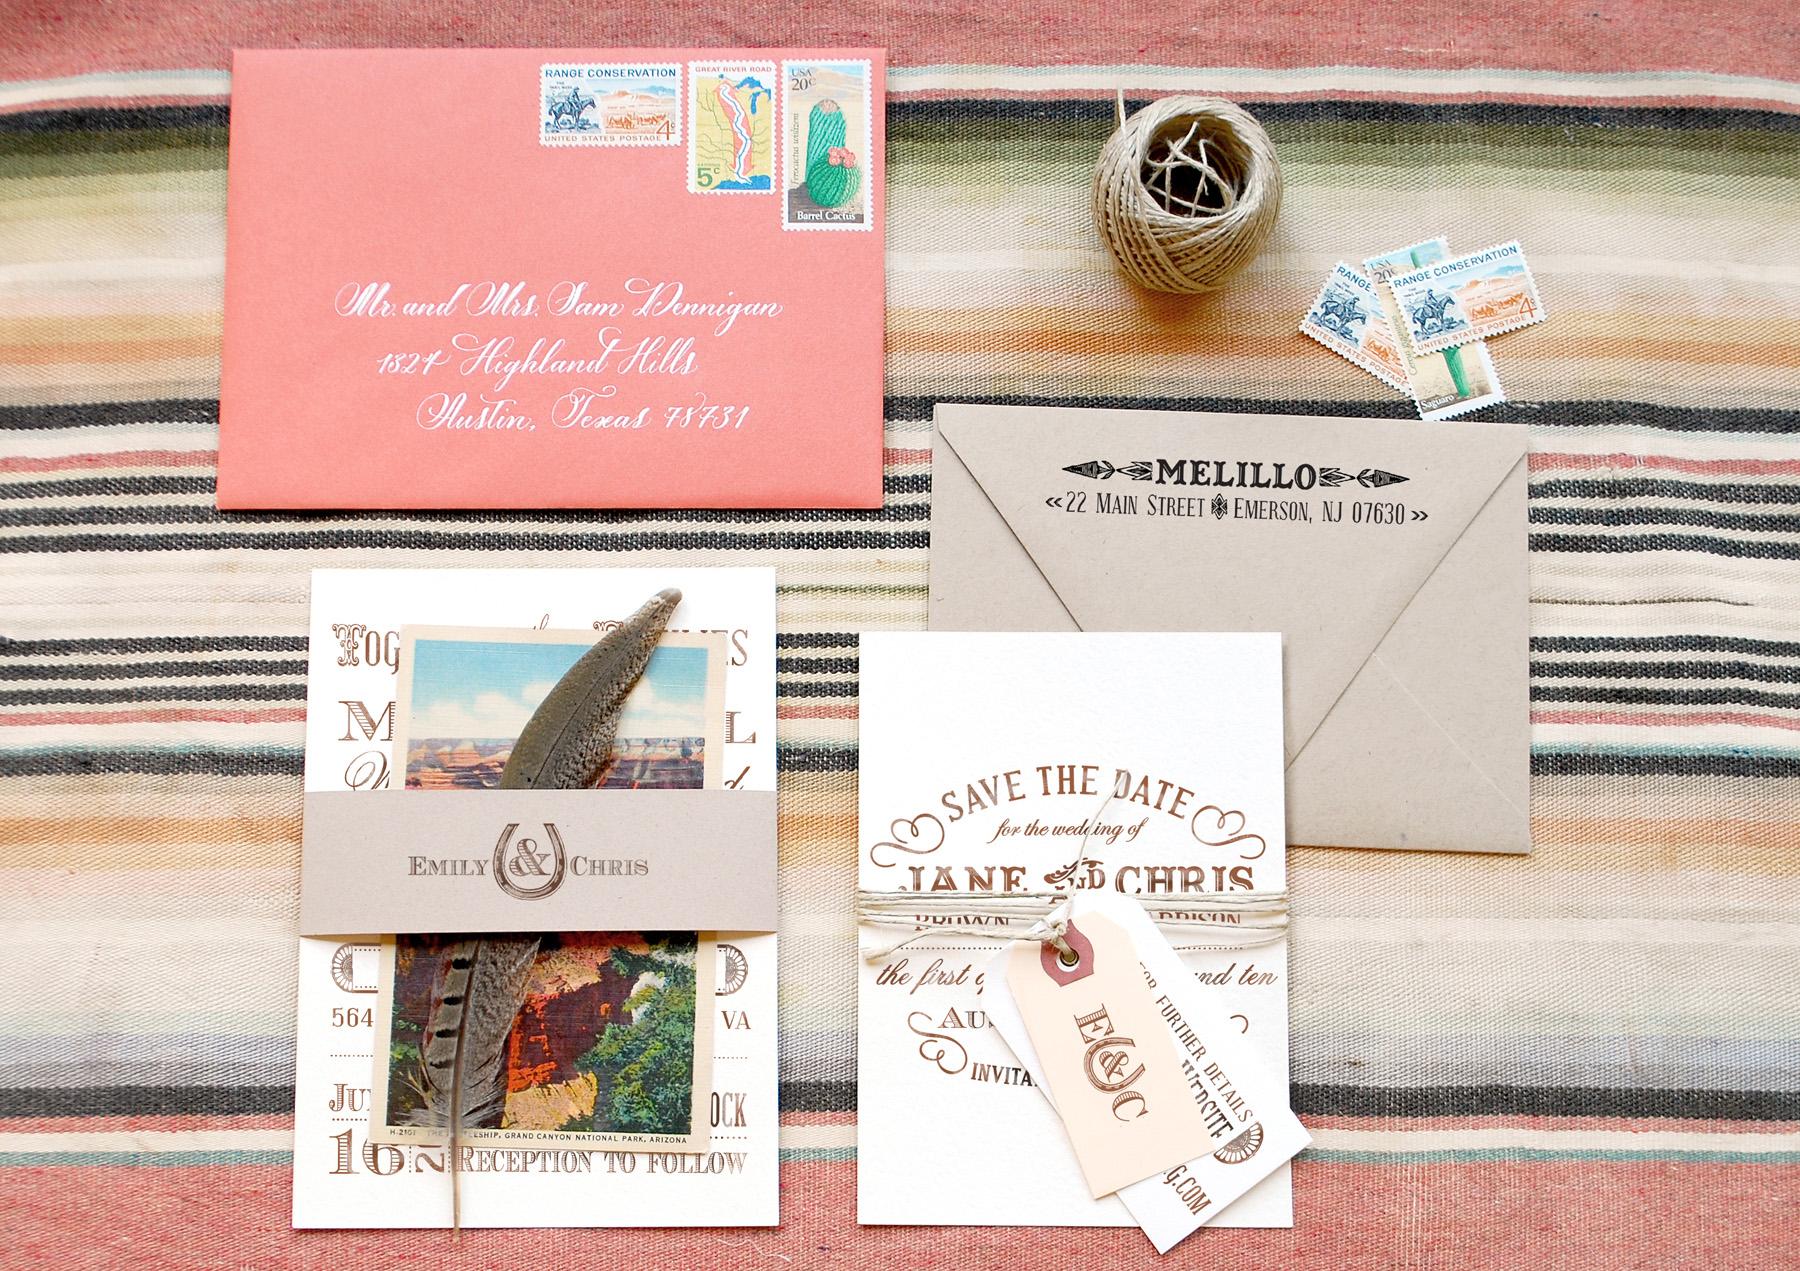 Vintage Stamps For Wedding Invitations: DIY Tutorial: Rubber Stamp Vintage-Western Wedding Save